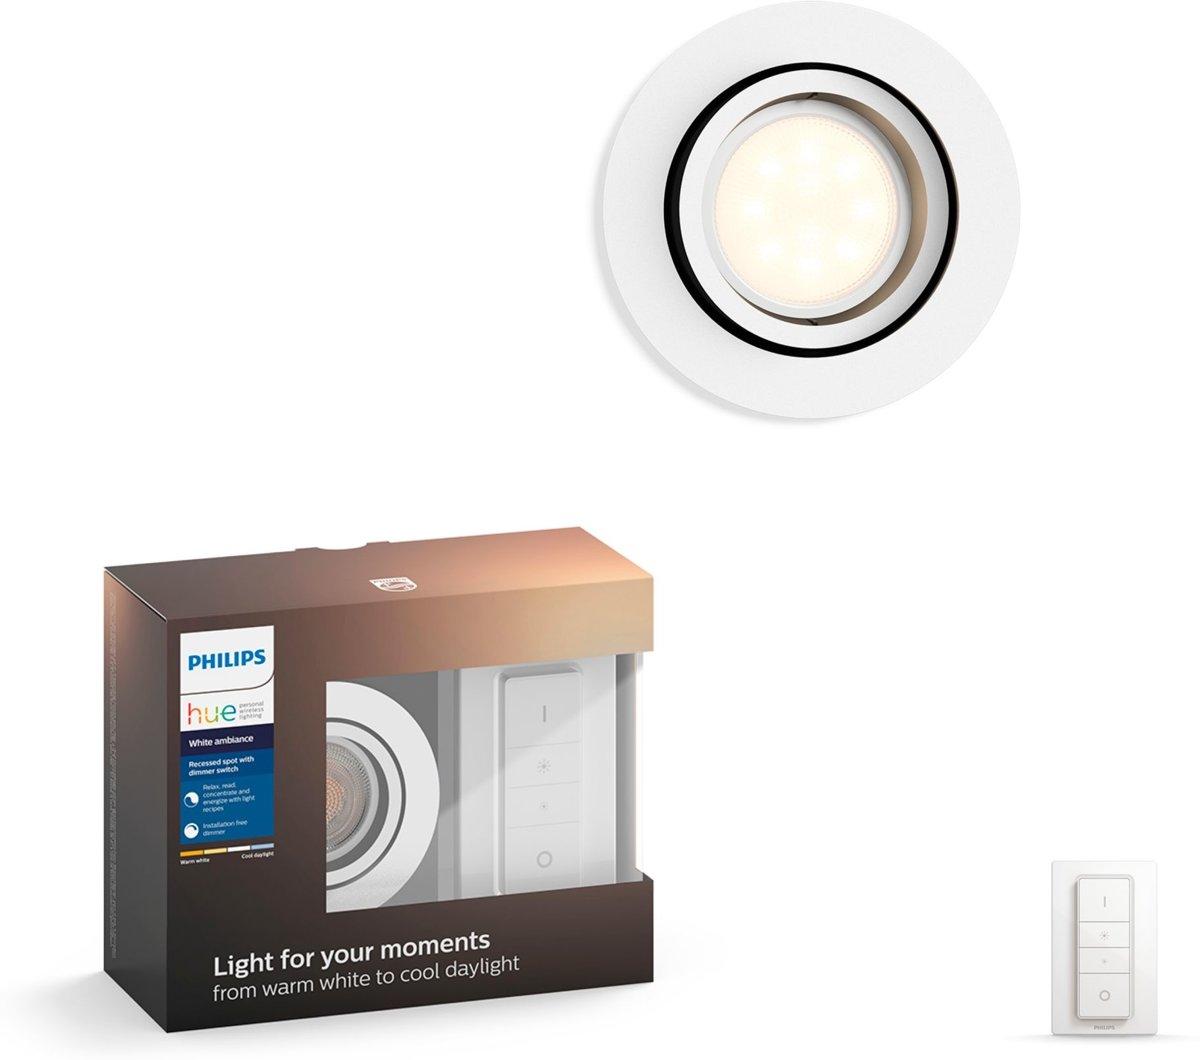 Philips Lighting Hue Inbouwlamp Milliskin GU10 5.5 W Warm-wit, Neutraal wit, Daglicht-wit